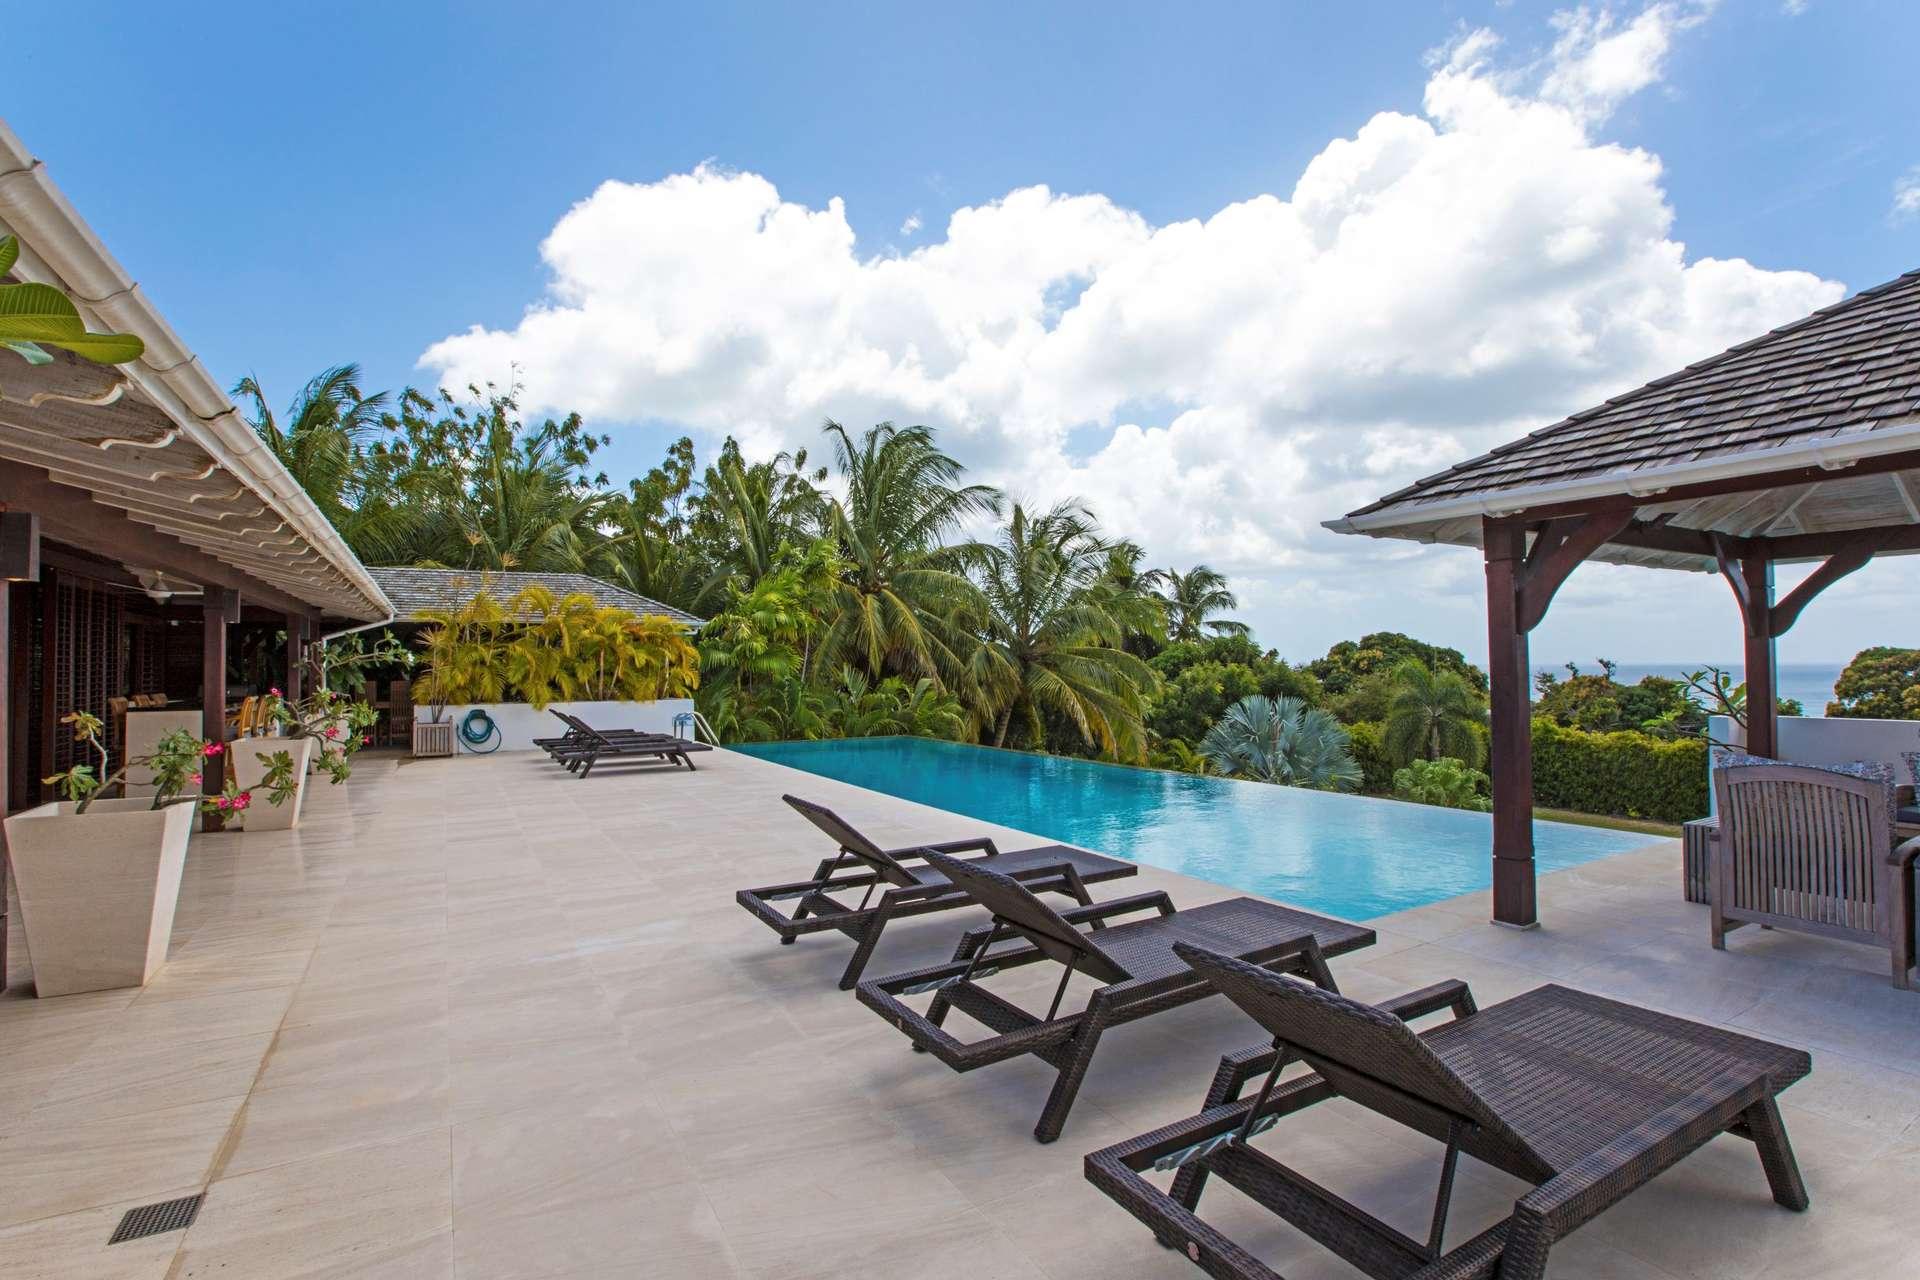 Luxury villa rentals caribbean - Barbados - St james - Westmoreland barbados - Java Bay - Image 1/24